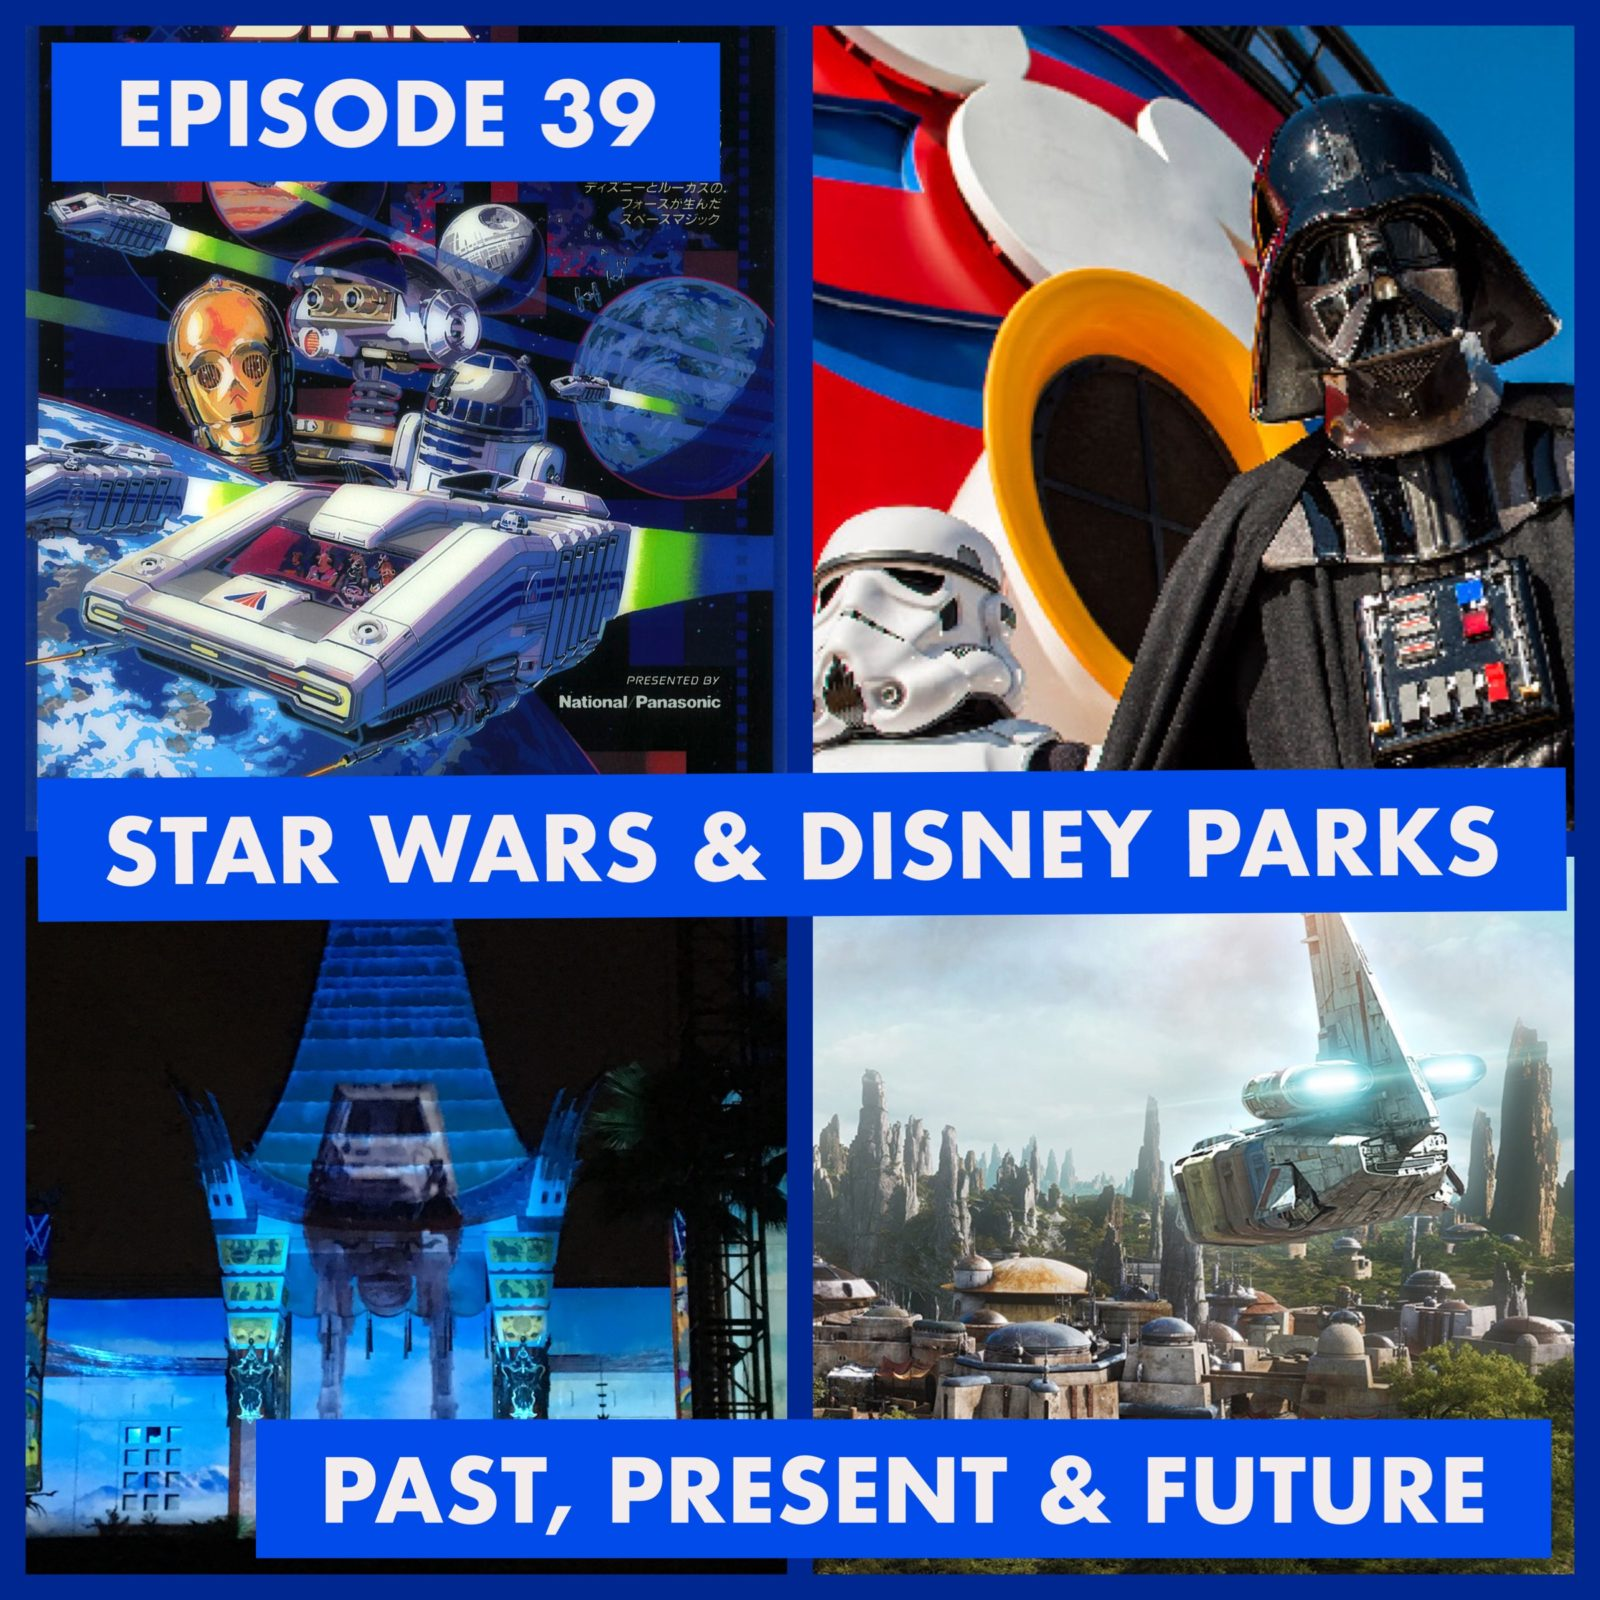 Episode 39 - Star Wars & Disney Parks